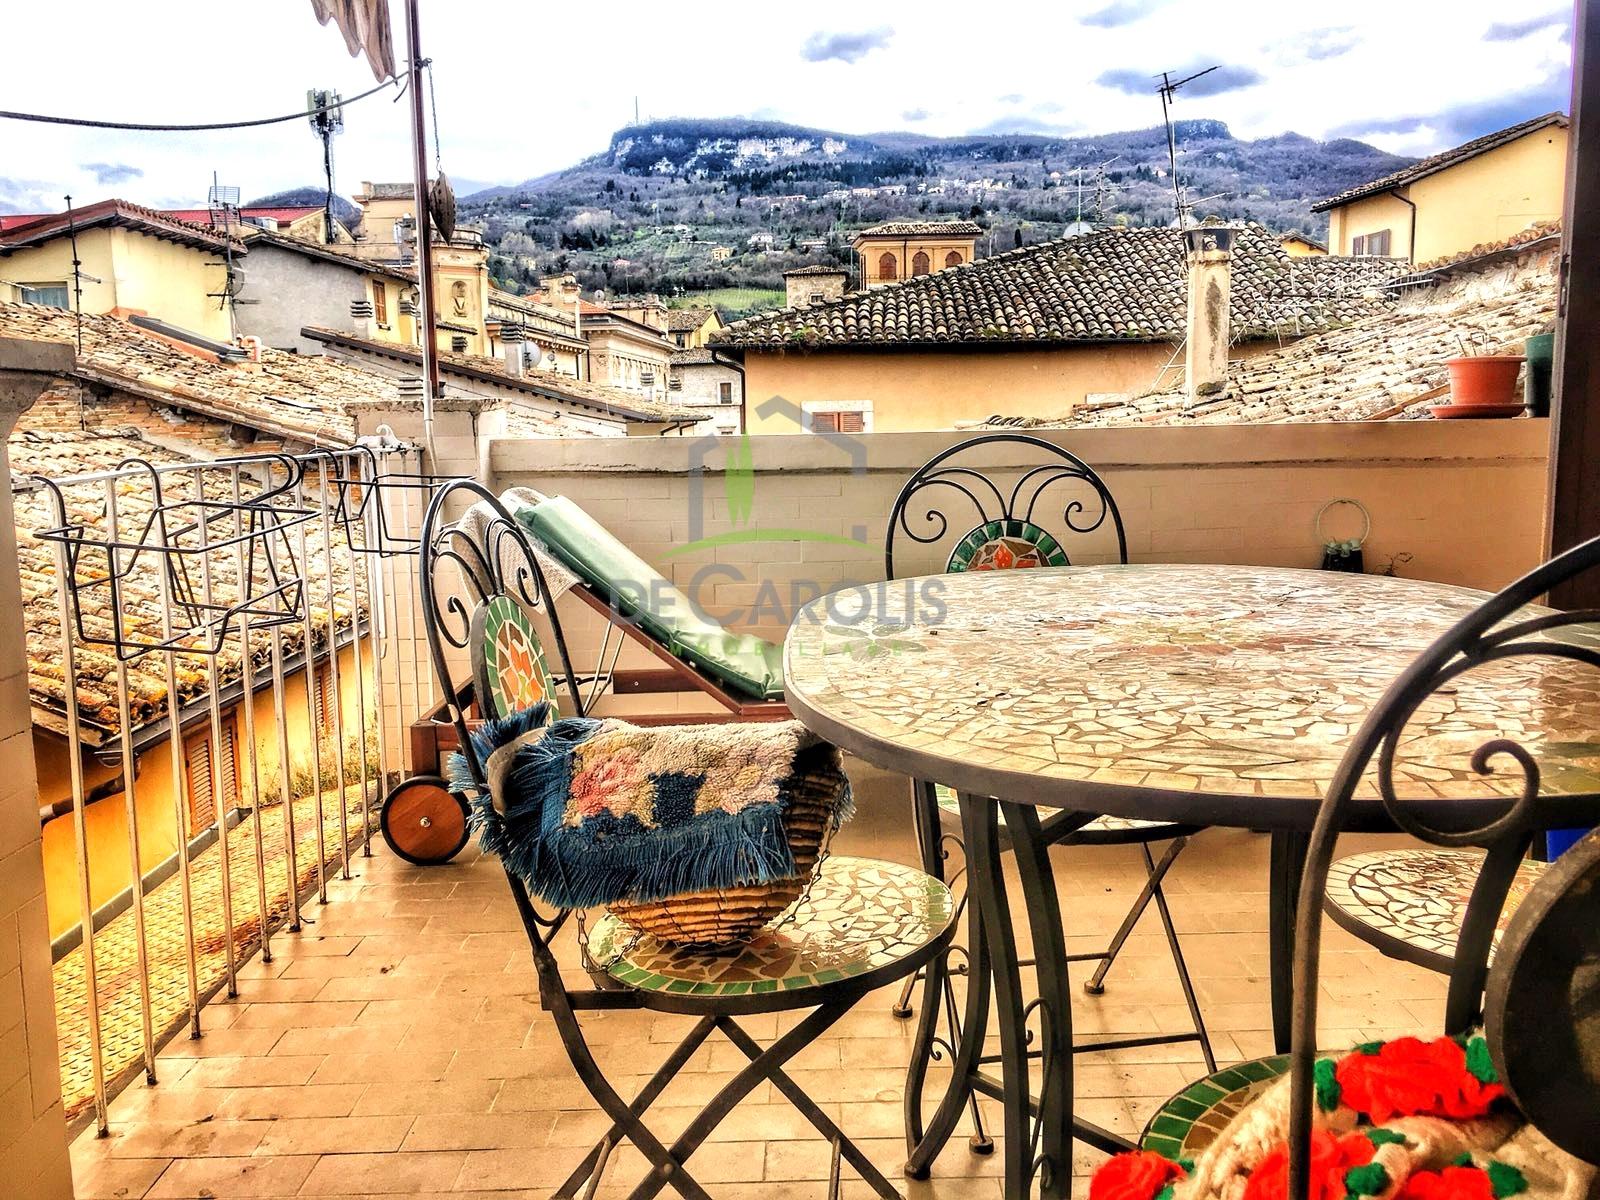 Appartamento in affitto a Ascoli Piceno, 3 locali, zona Località: CentroStorico, prezzo € 400 | CambioCasa.it